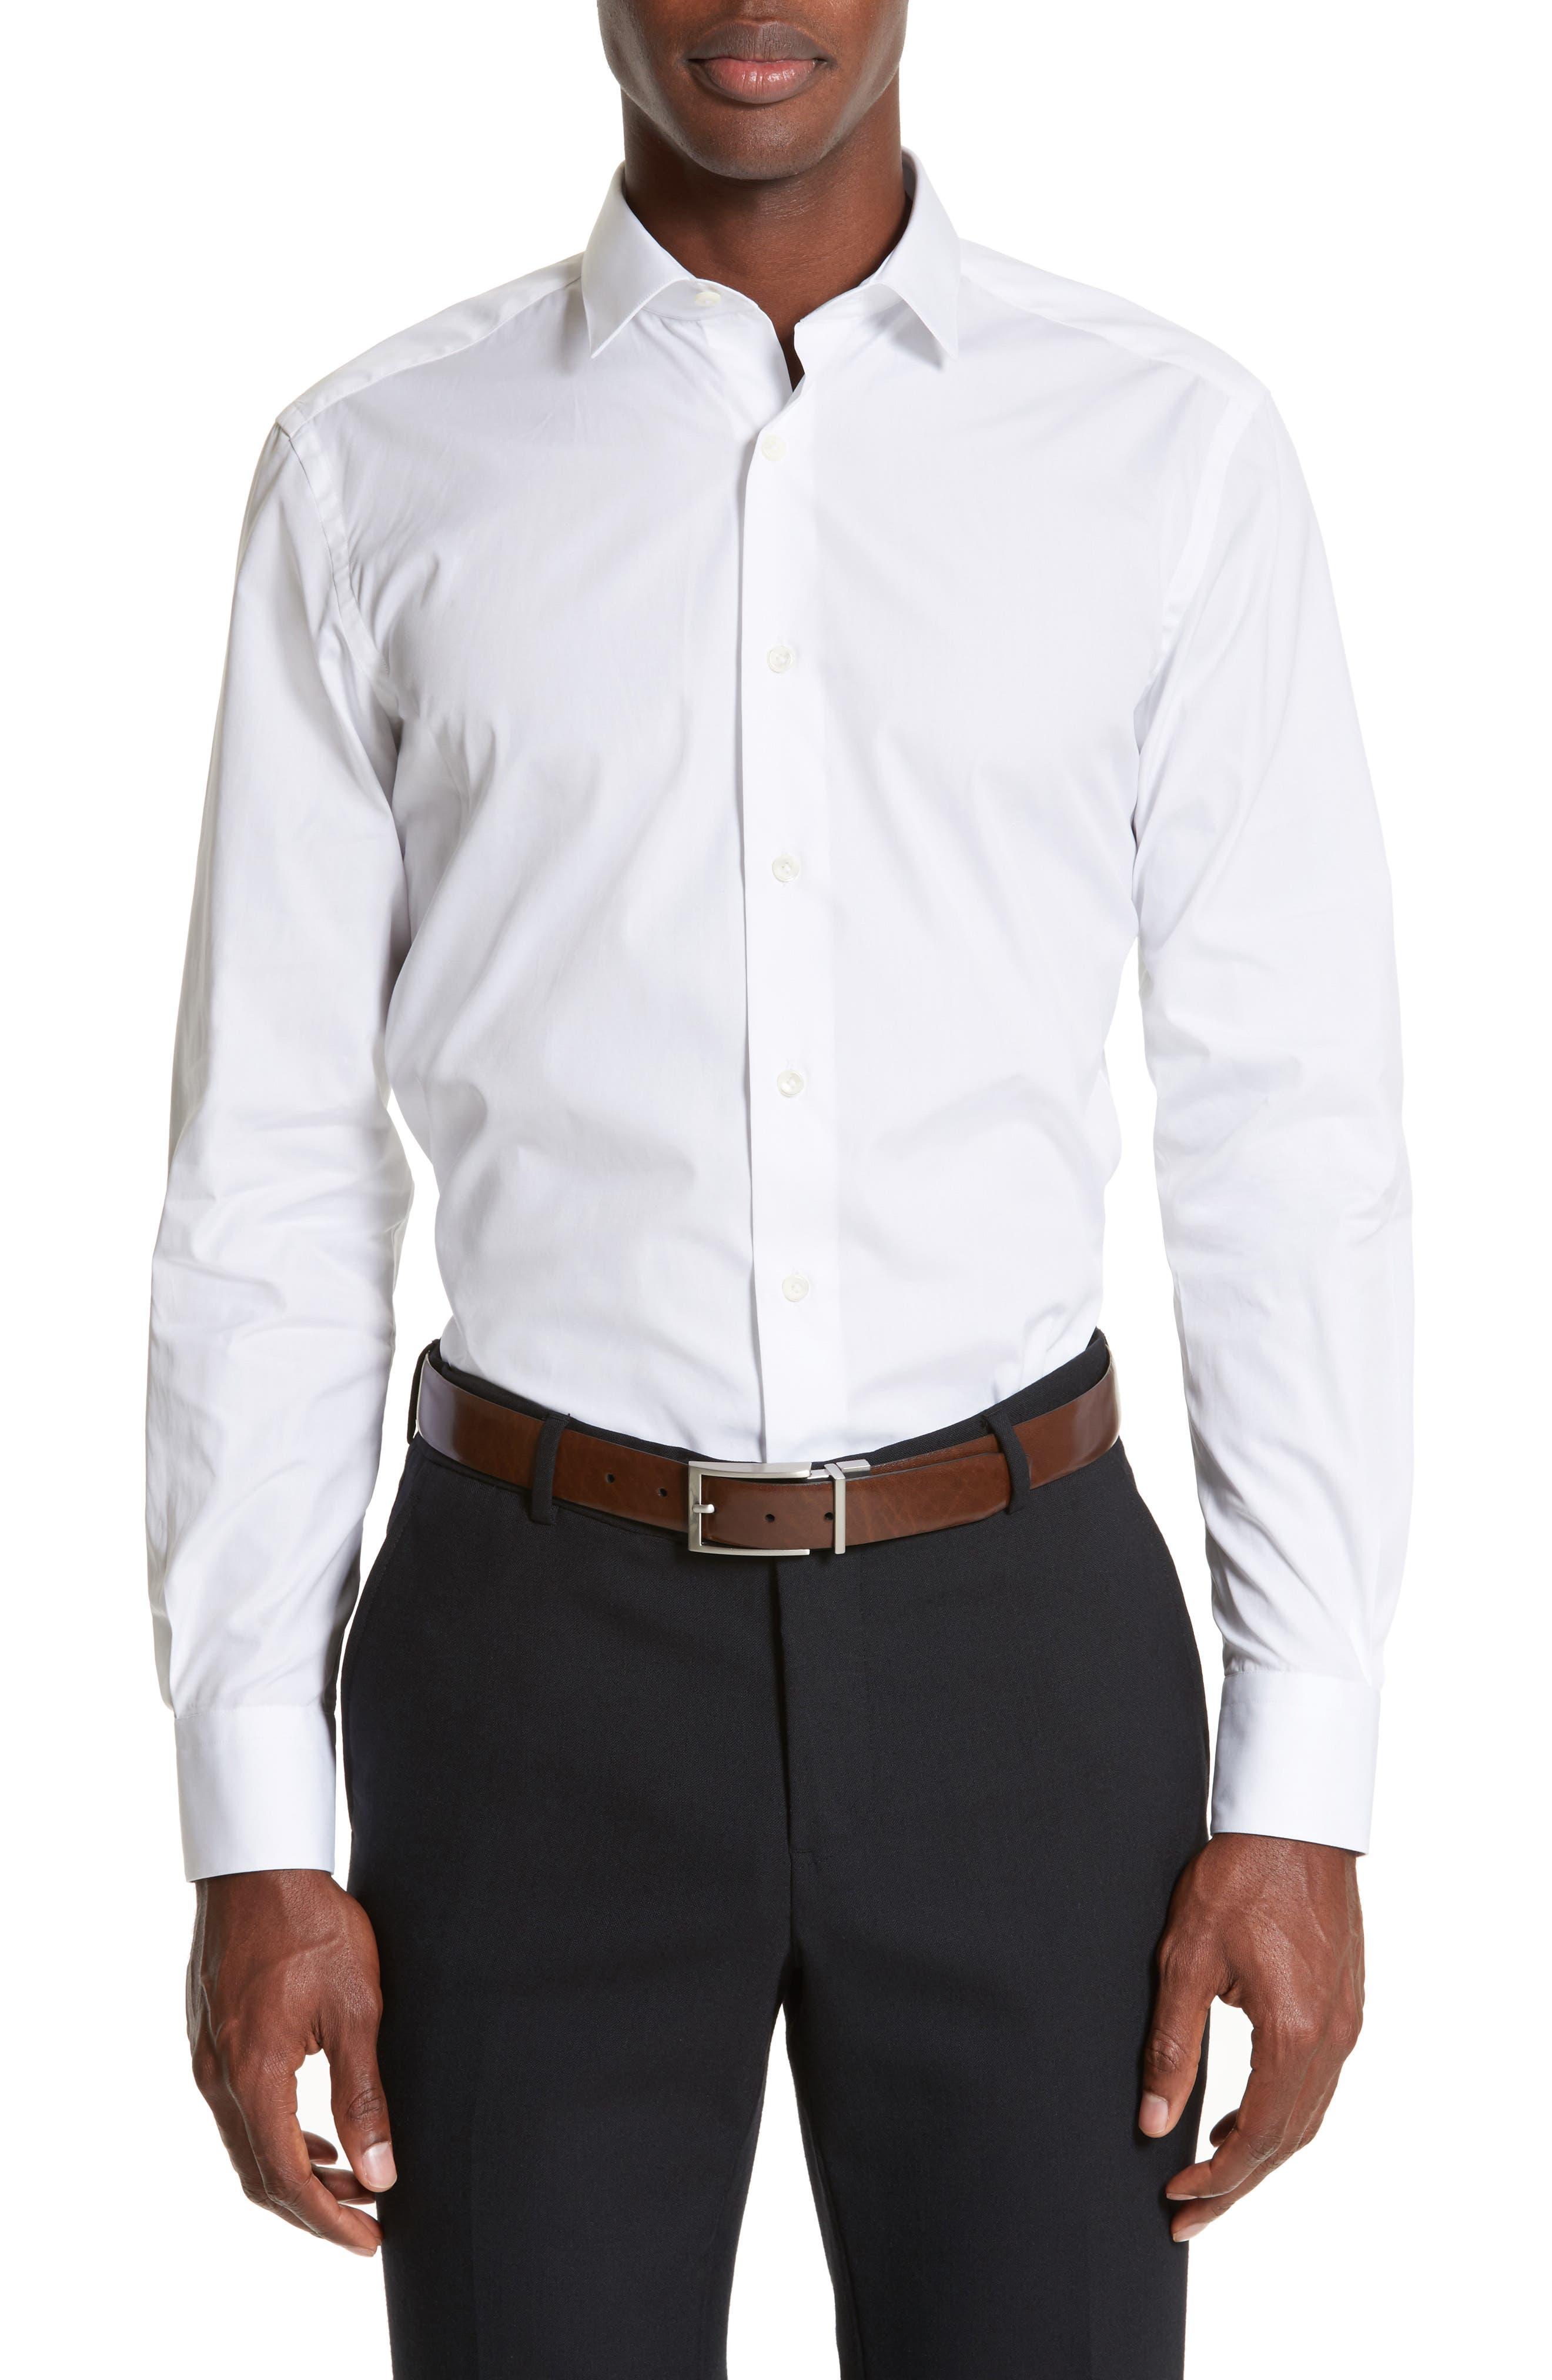 Extra Trim Fit Cotton Dress Shirt,                             Main thumbnail 1, color,                             100